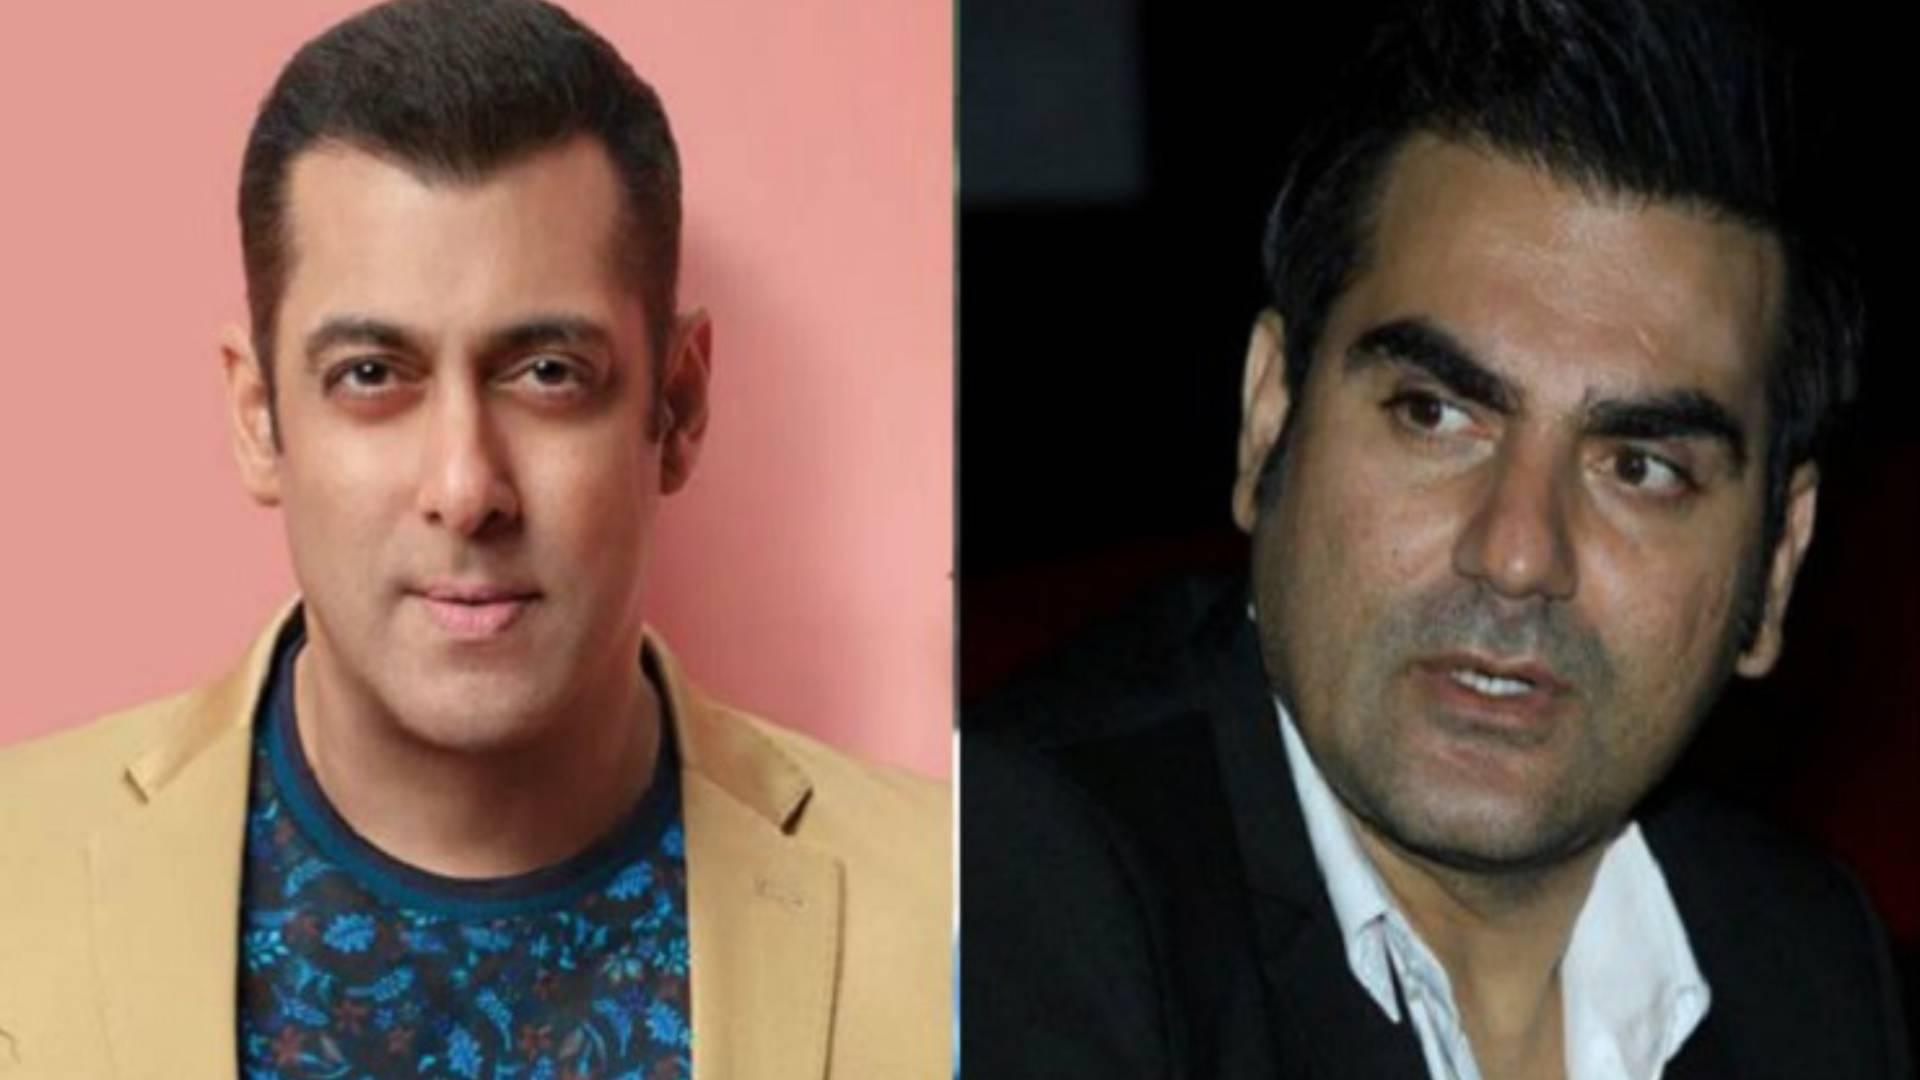 Bigg Boss 13: सलमान खान से अरबाज और सोहेल ने किया ऐसा सवाल, भाईजान ने जवाब दिए बिना ही जानिए क्यों काटा फोन